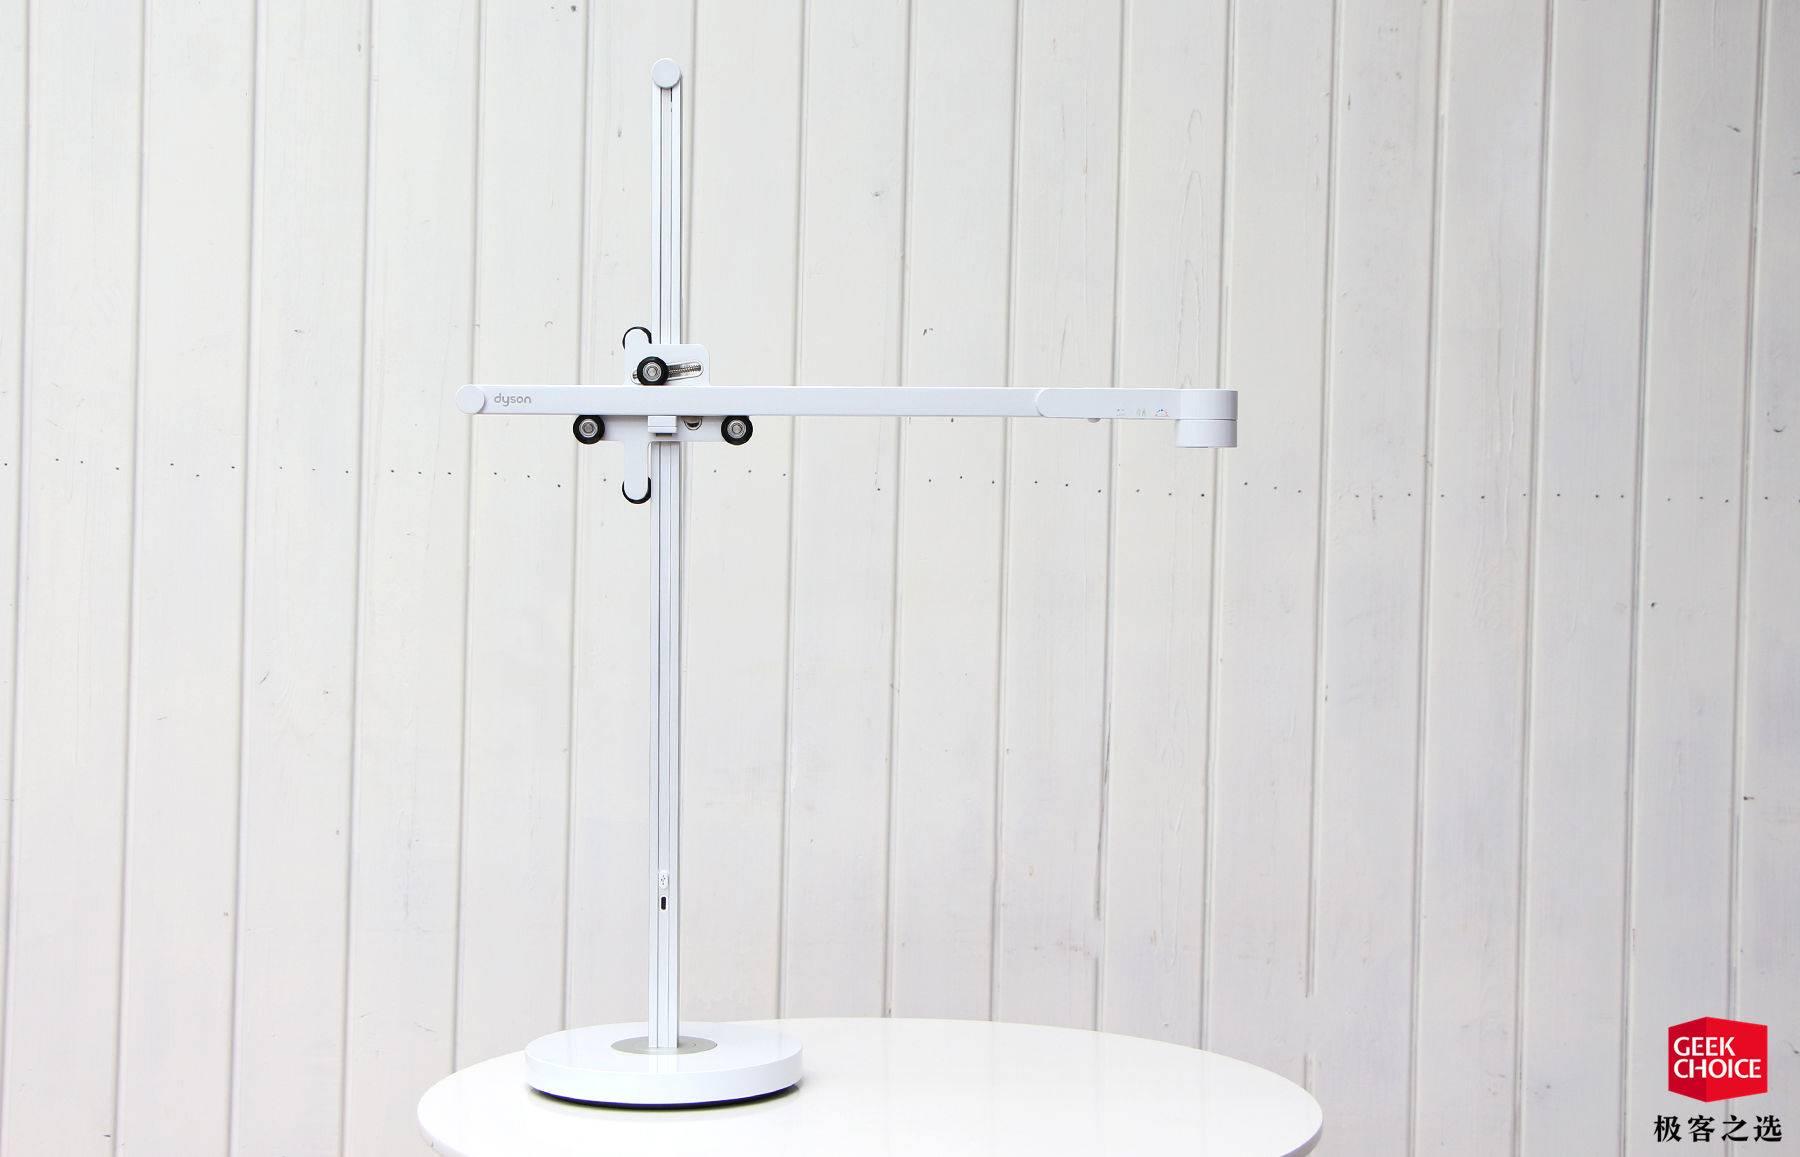 戴森Lightcycle台灯体验:4000块物有所值